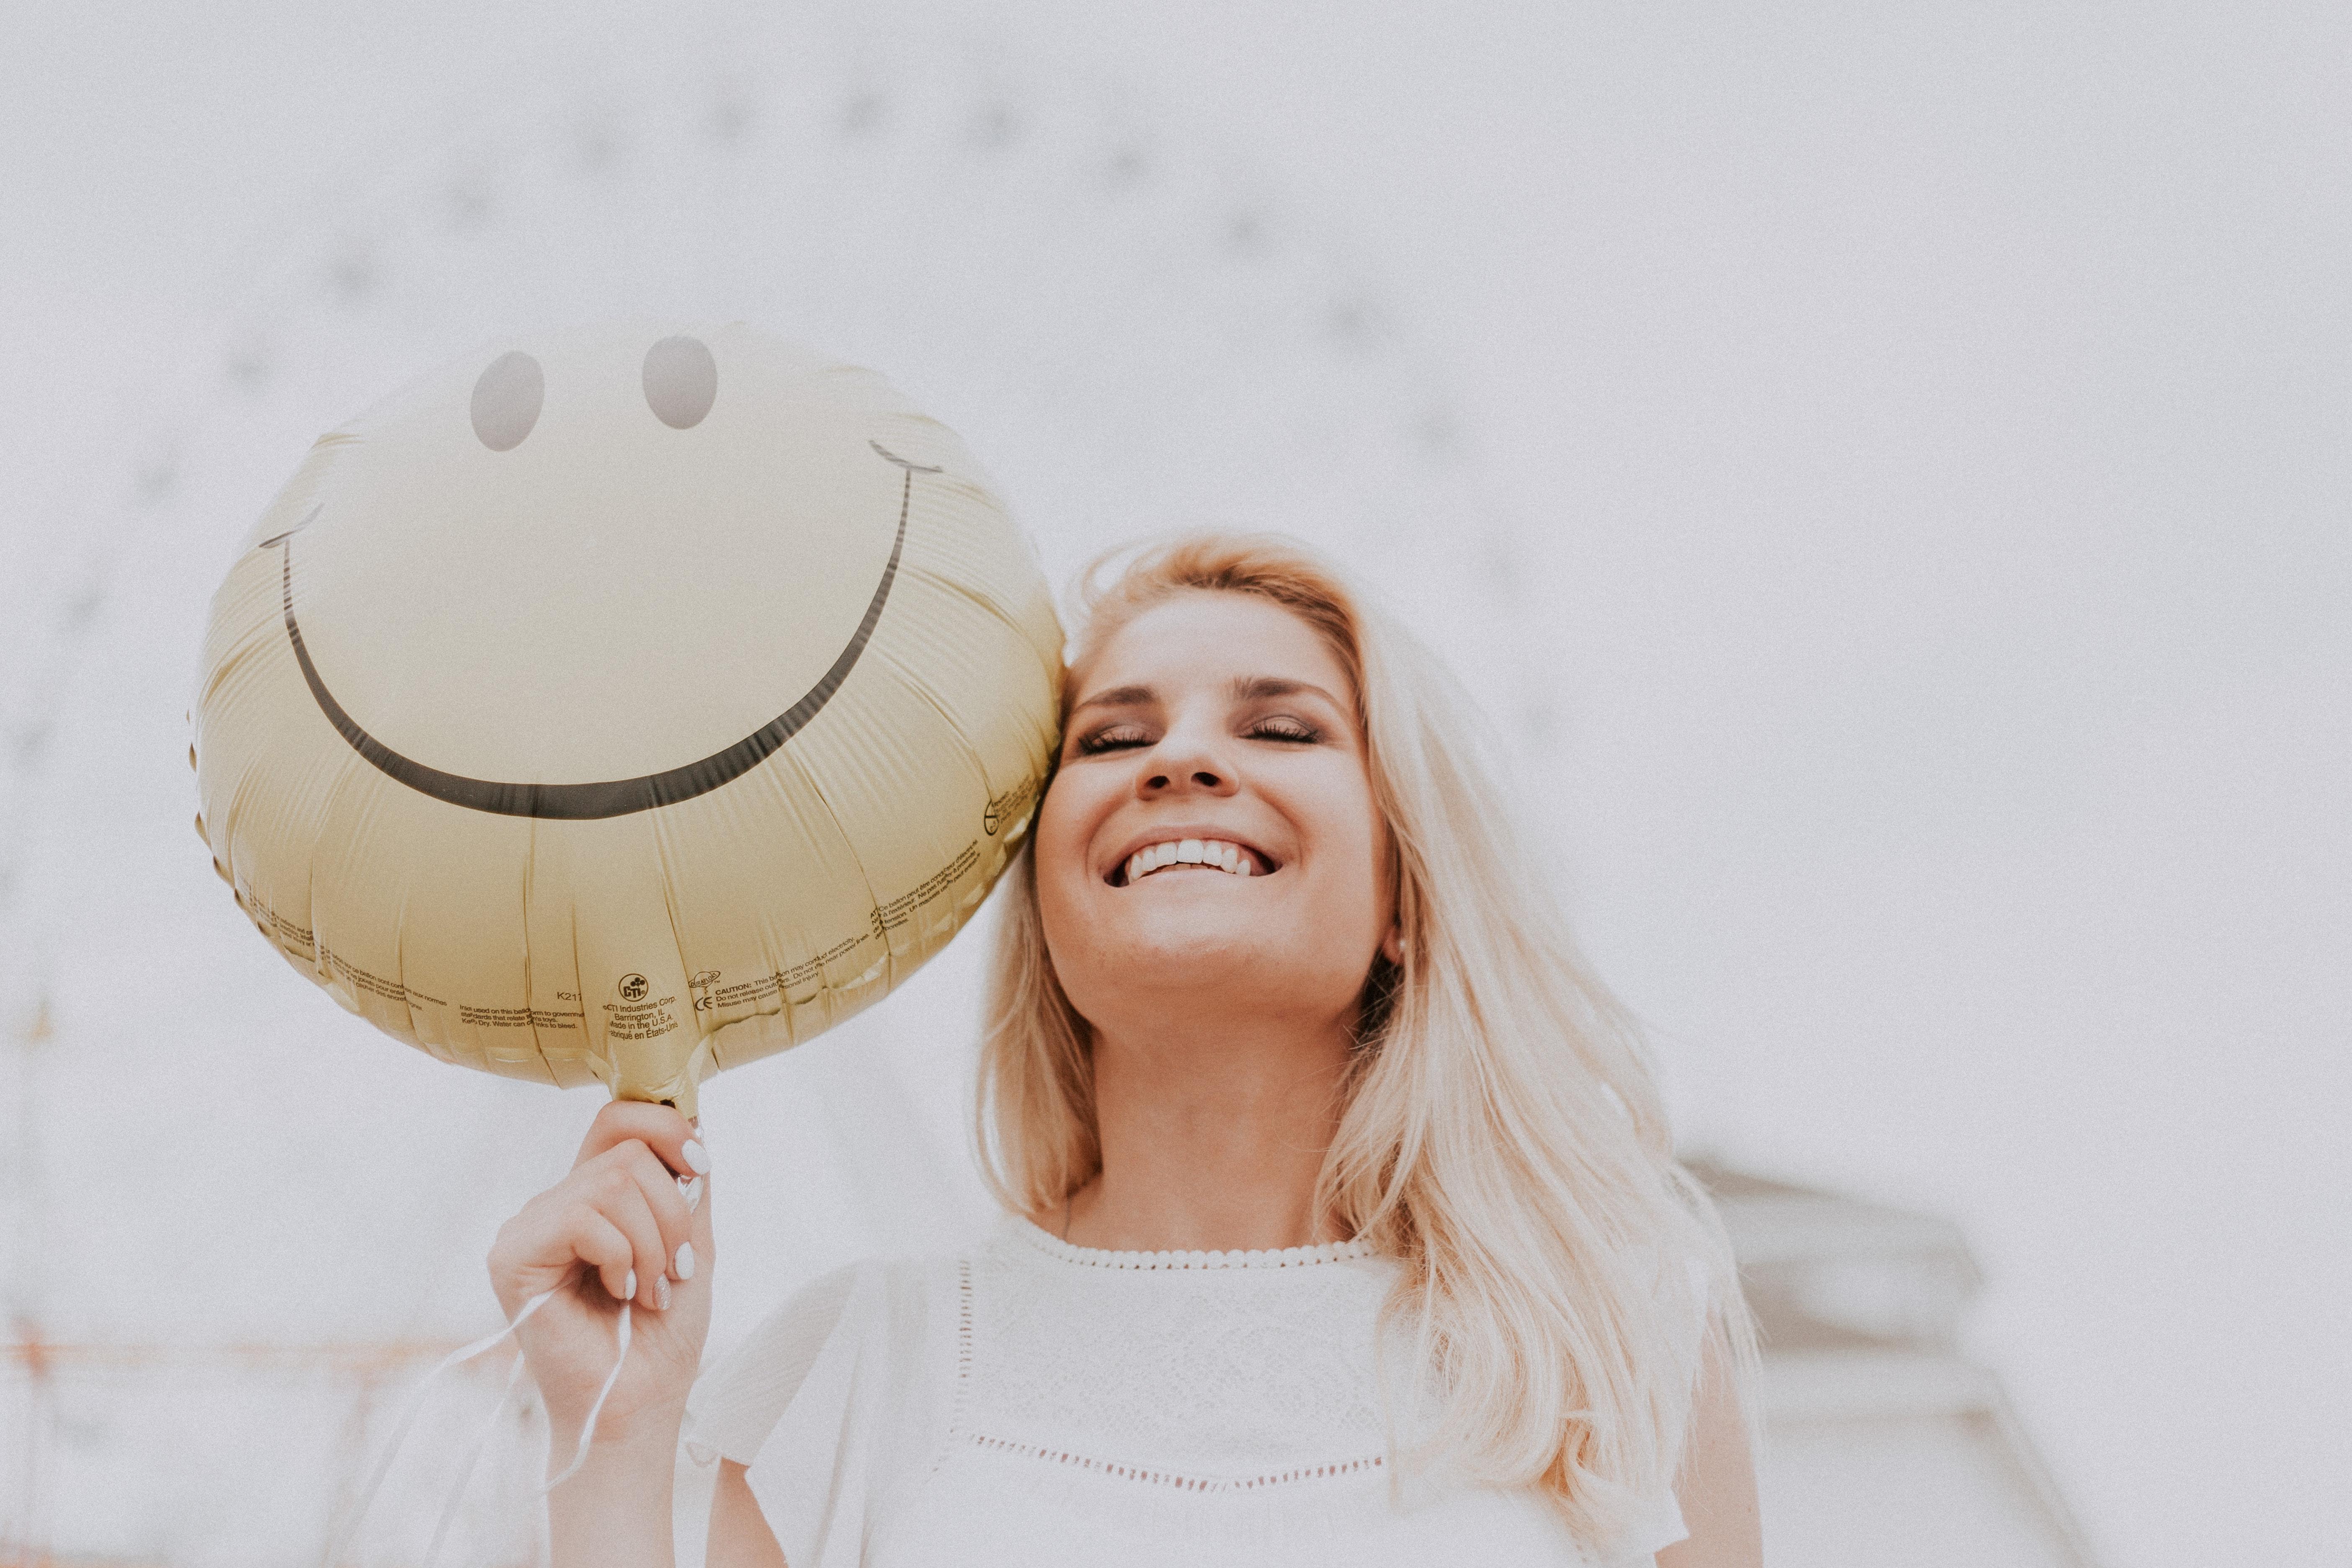 Il tuo sorriso, la nostra missione